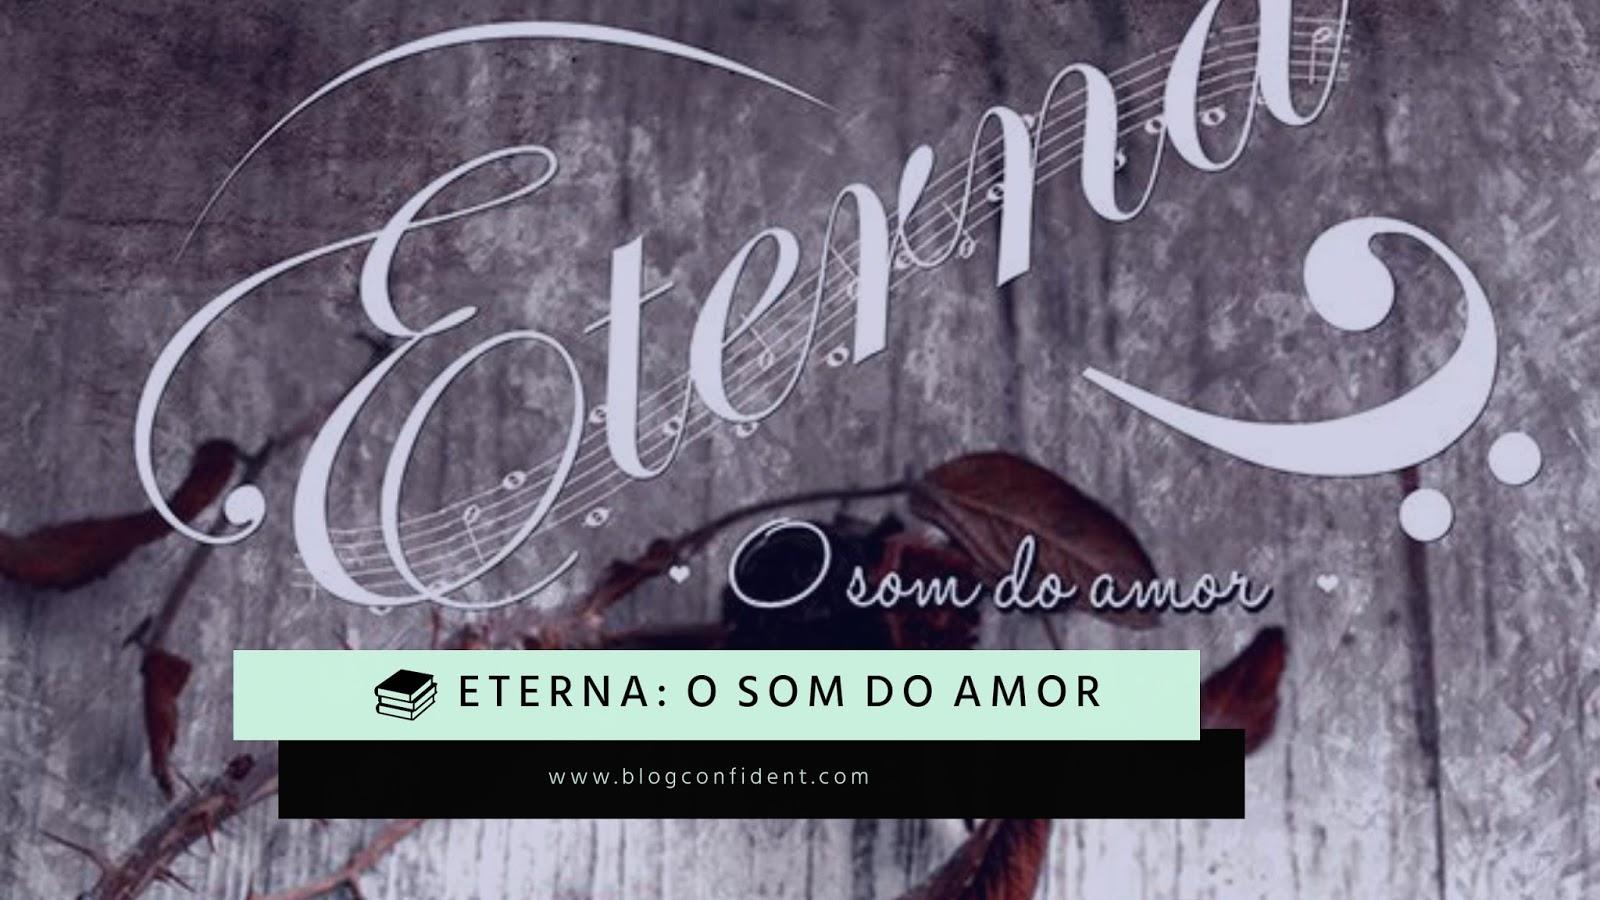 Resenha do livro Eterna: O som do amor